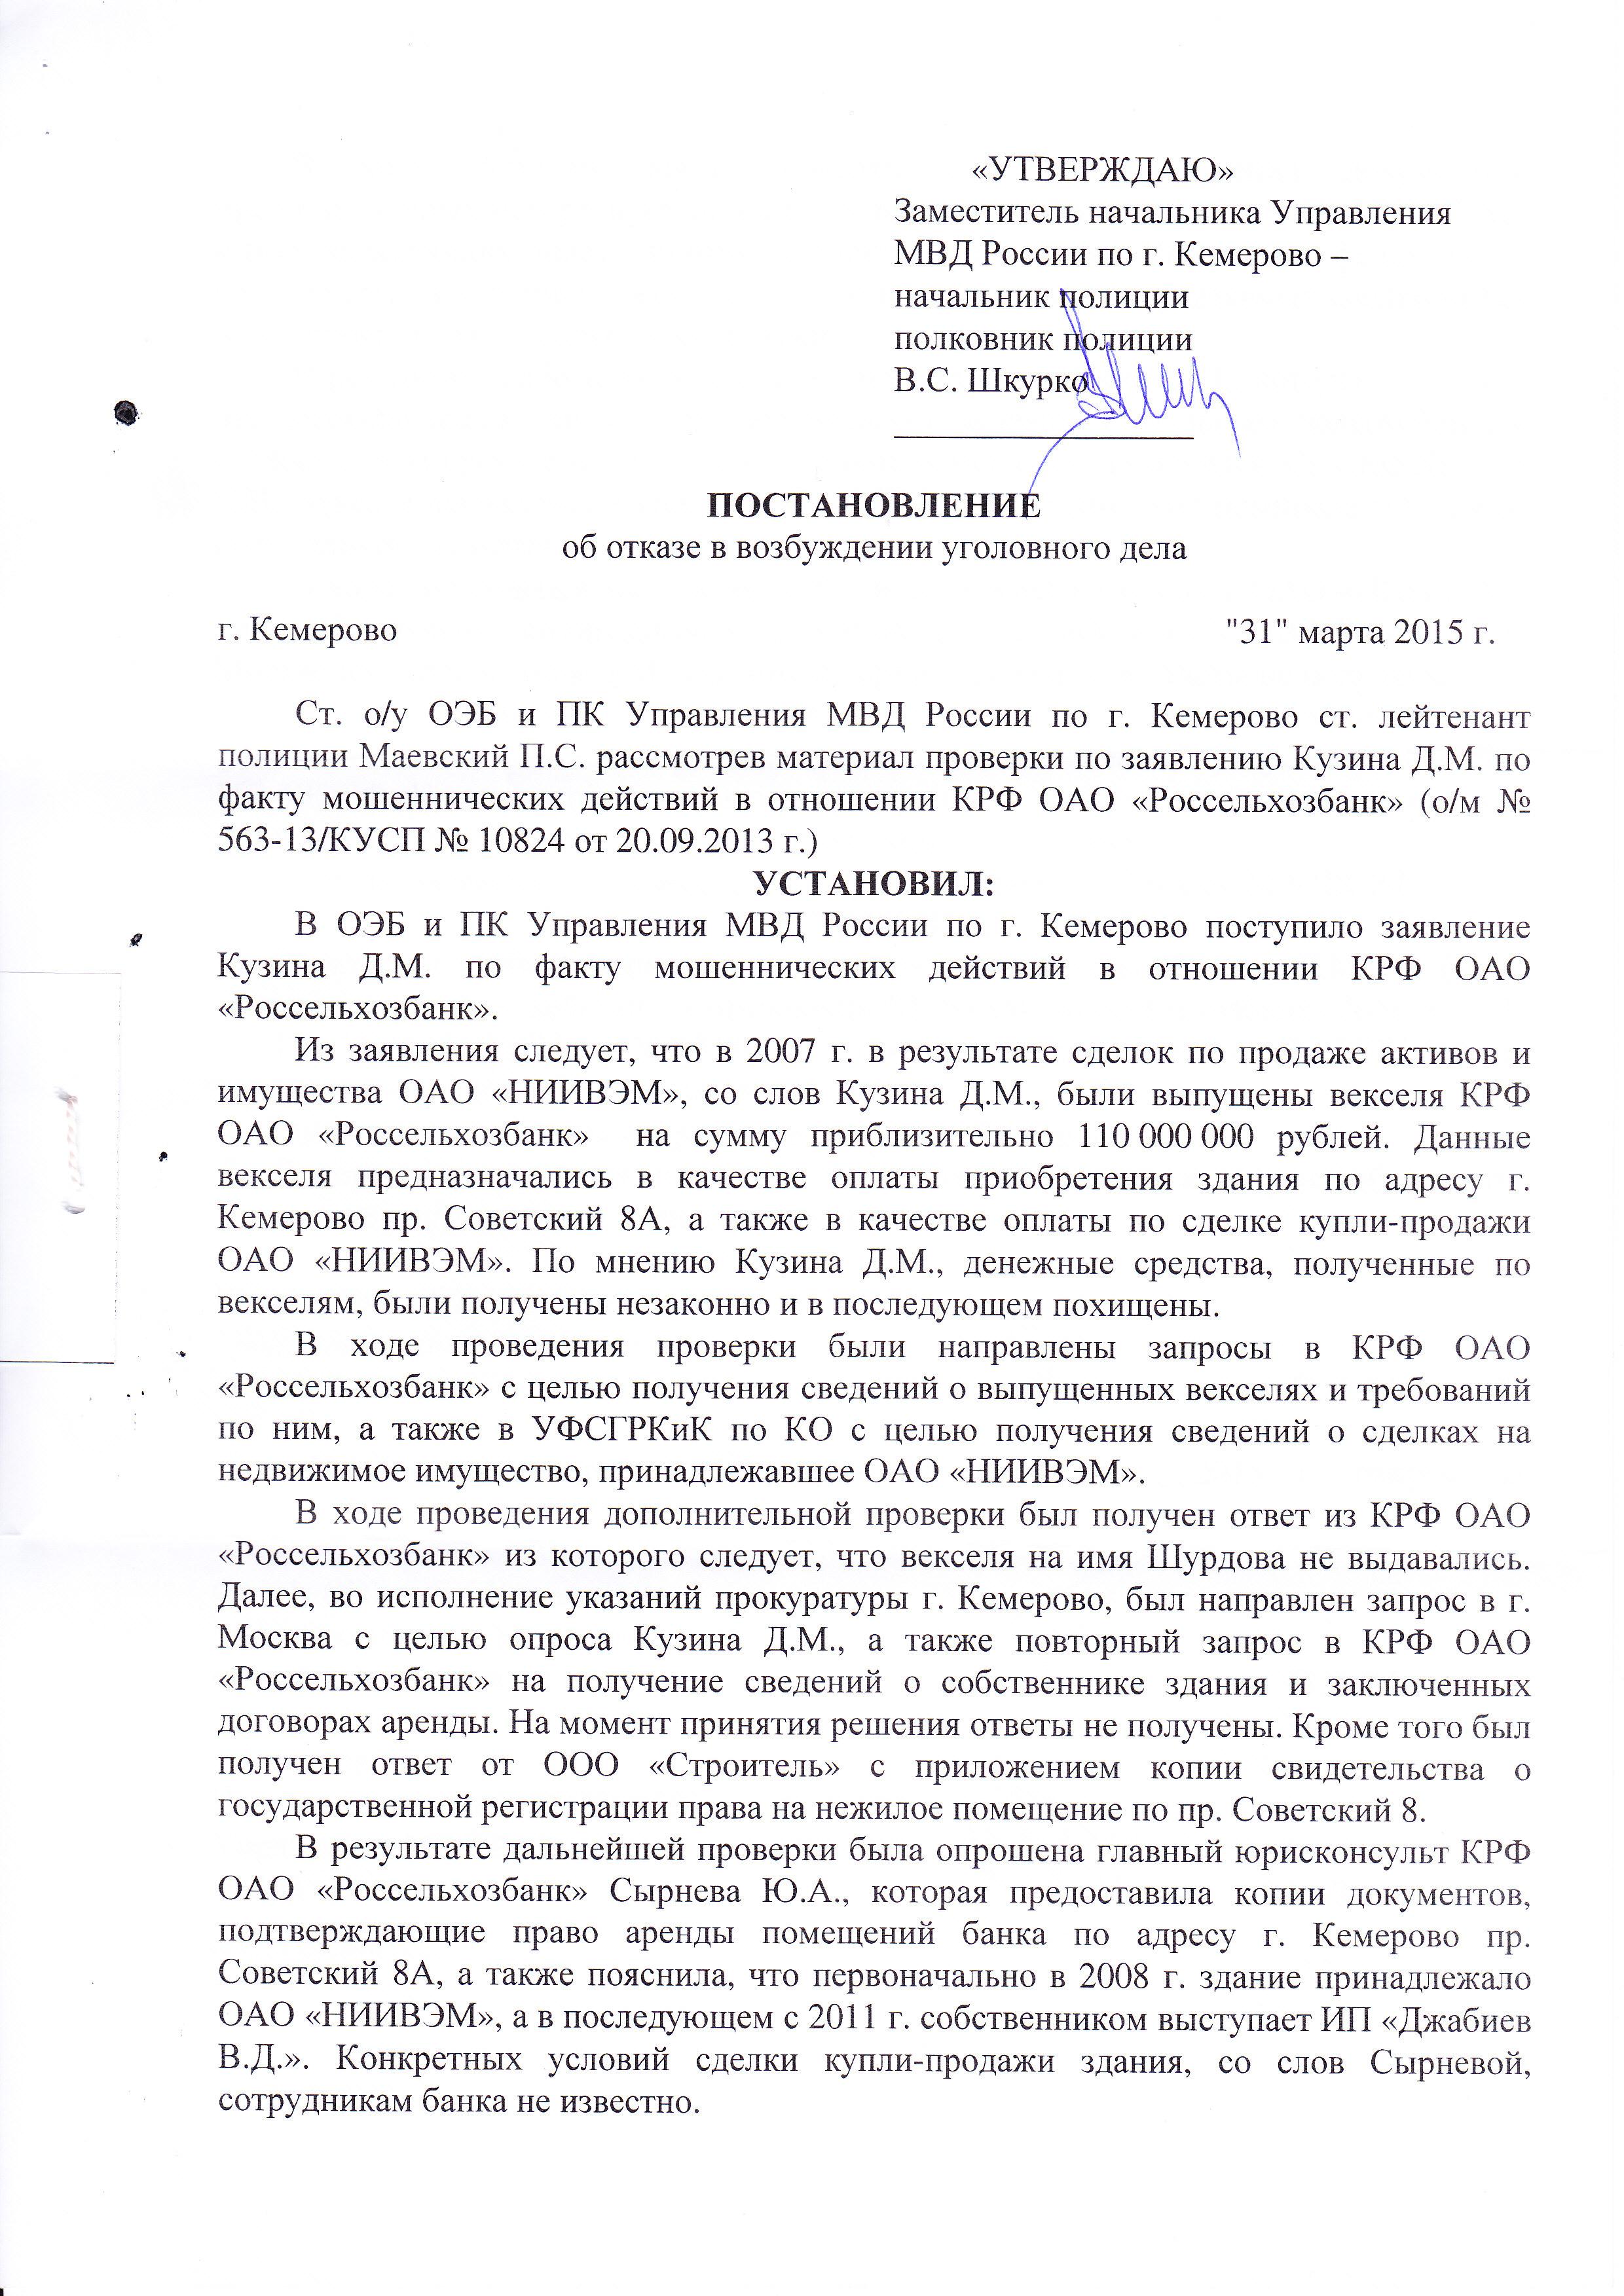 Постановление УВД Кемерова от 31 03 2015 - 1 с